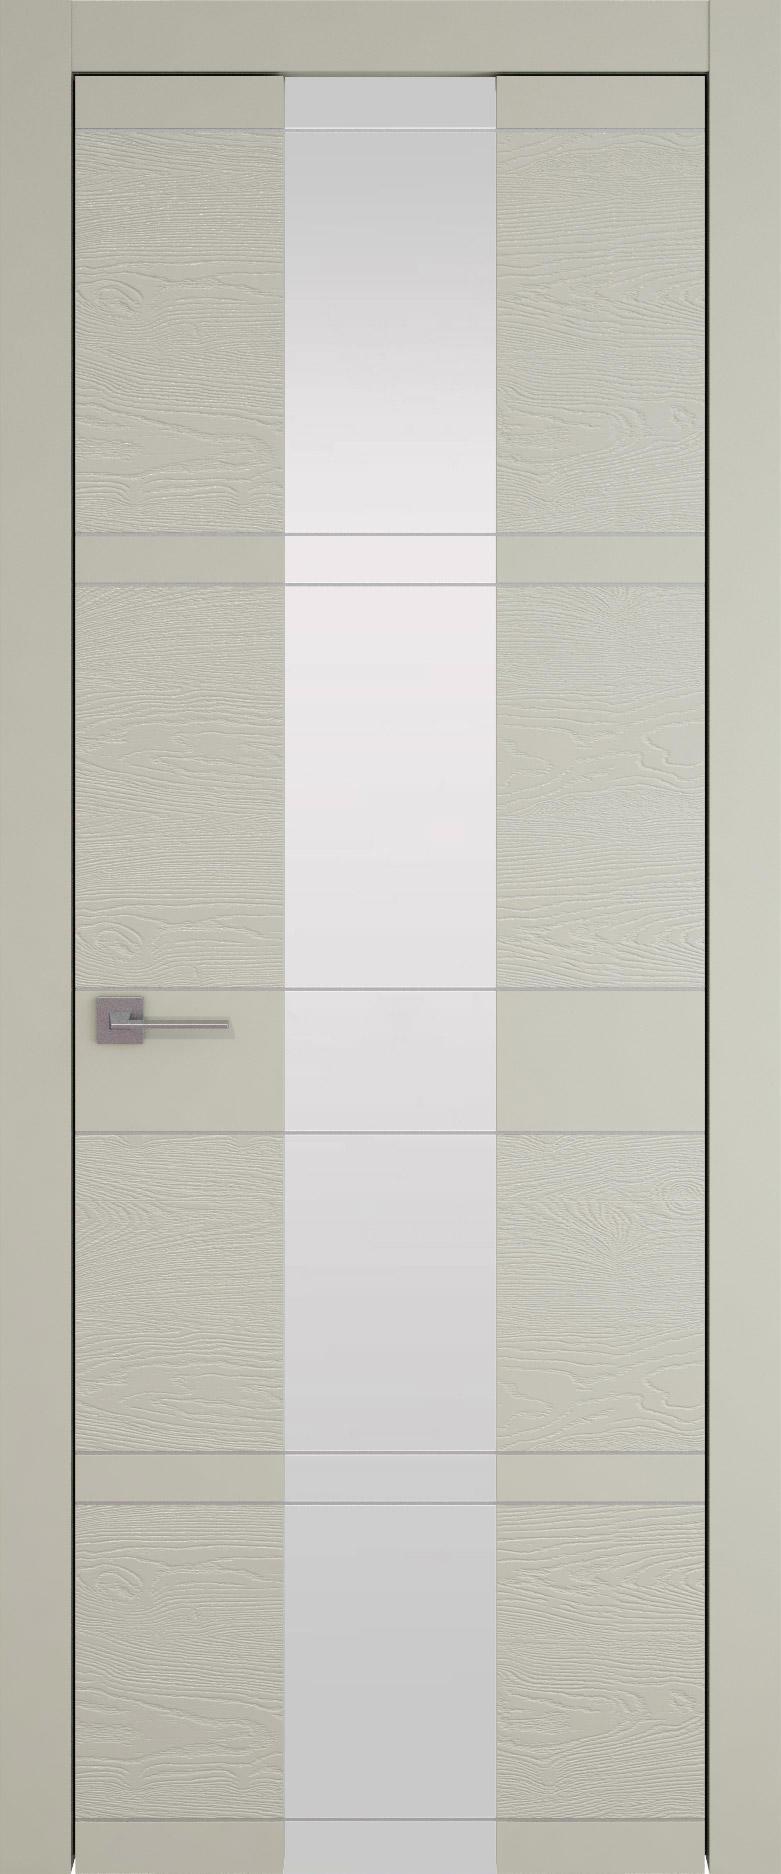 Tivoli Ж-2 цвет - Серо-оливковая эмаль-эмаль по шпону (RAL 7032) Со стеклом (ДО)